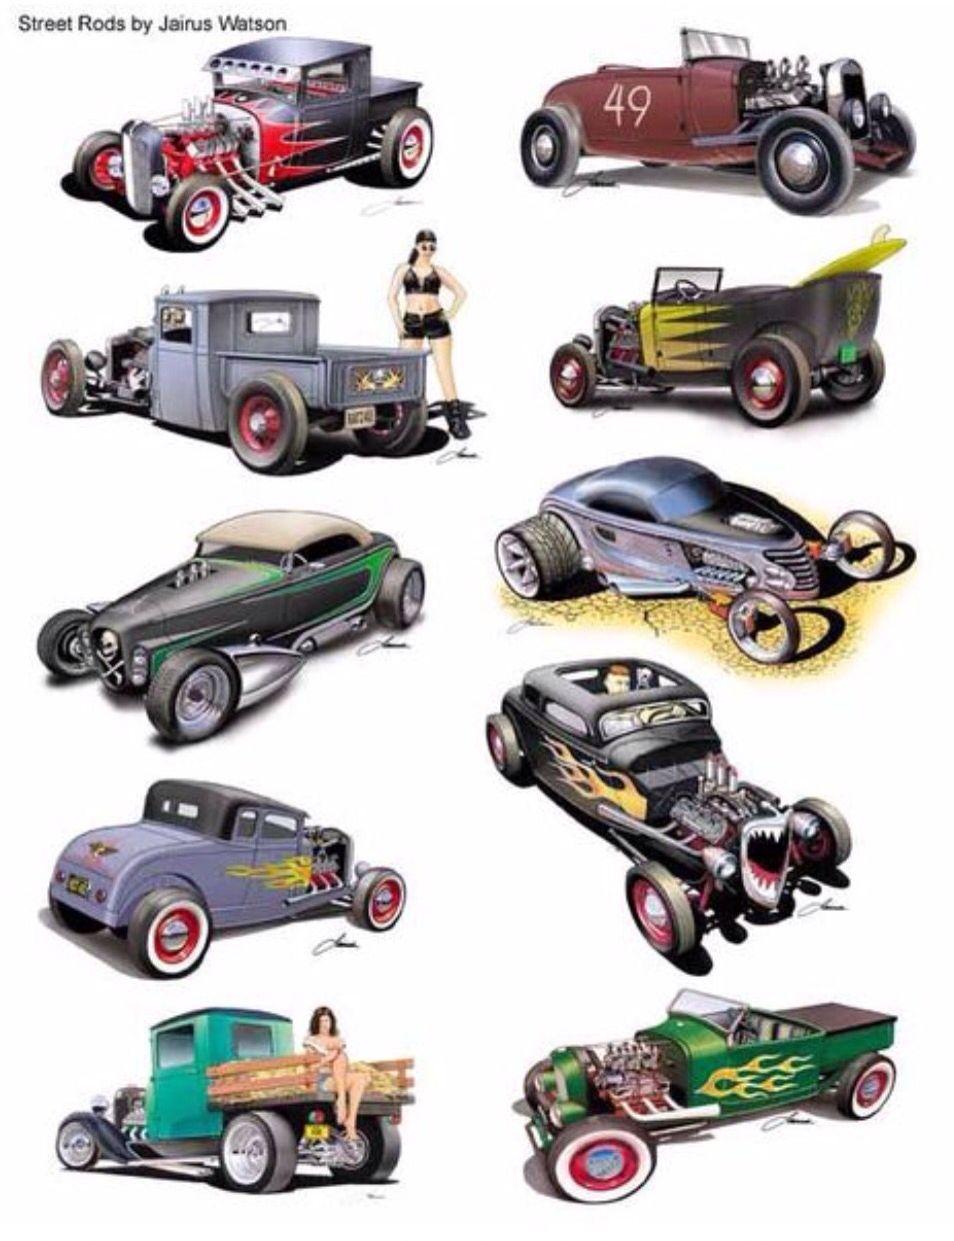 Pin De Everson Ferreira Em Cars And Motorcycles Com Imagens Desenhos De Carros Desenhos De Carros Antigos Carros